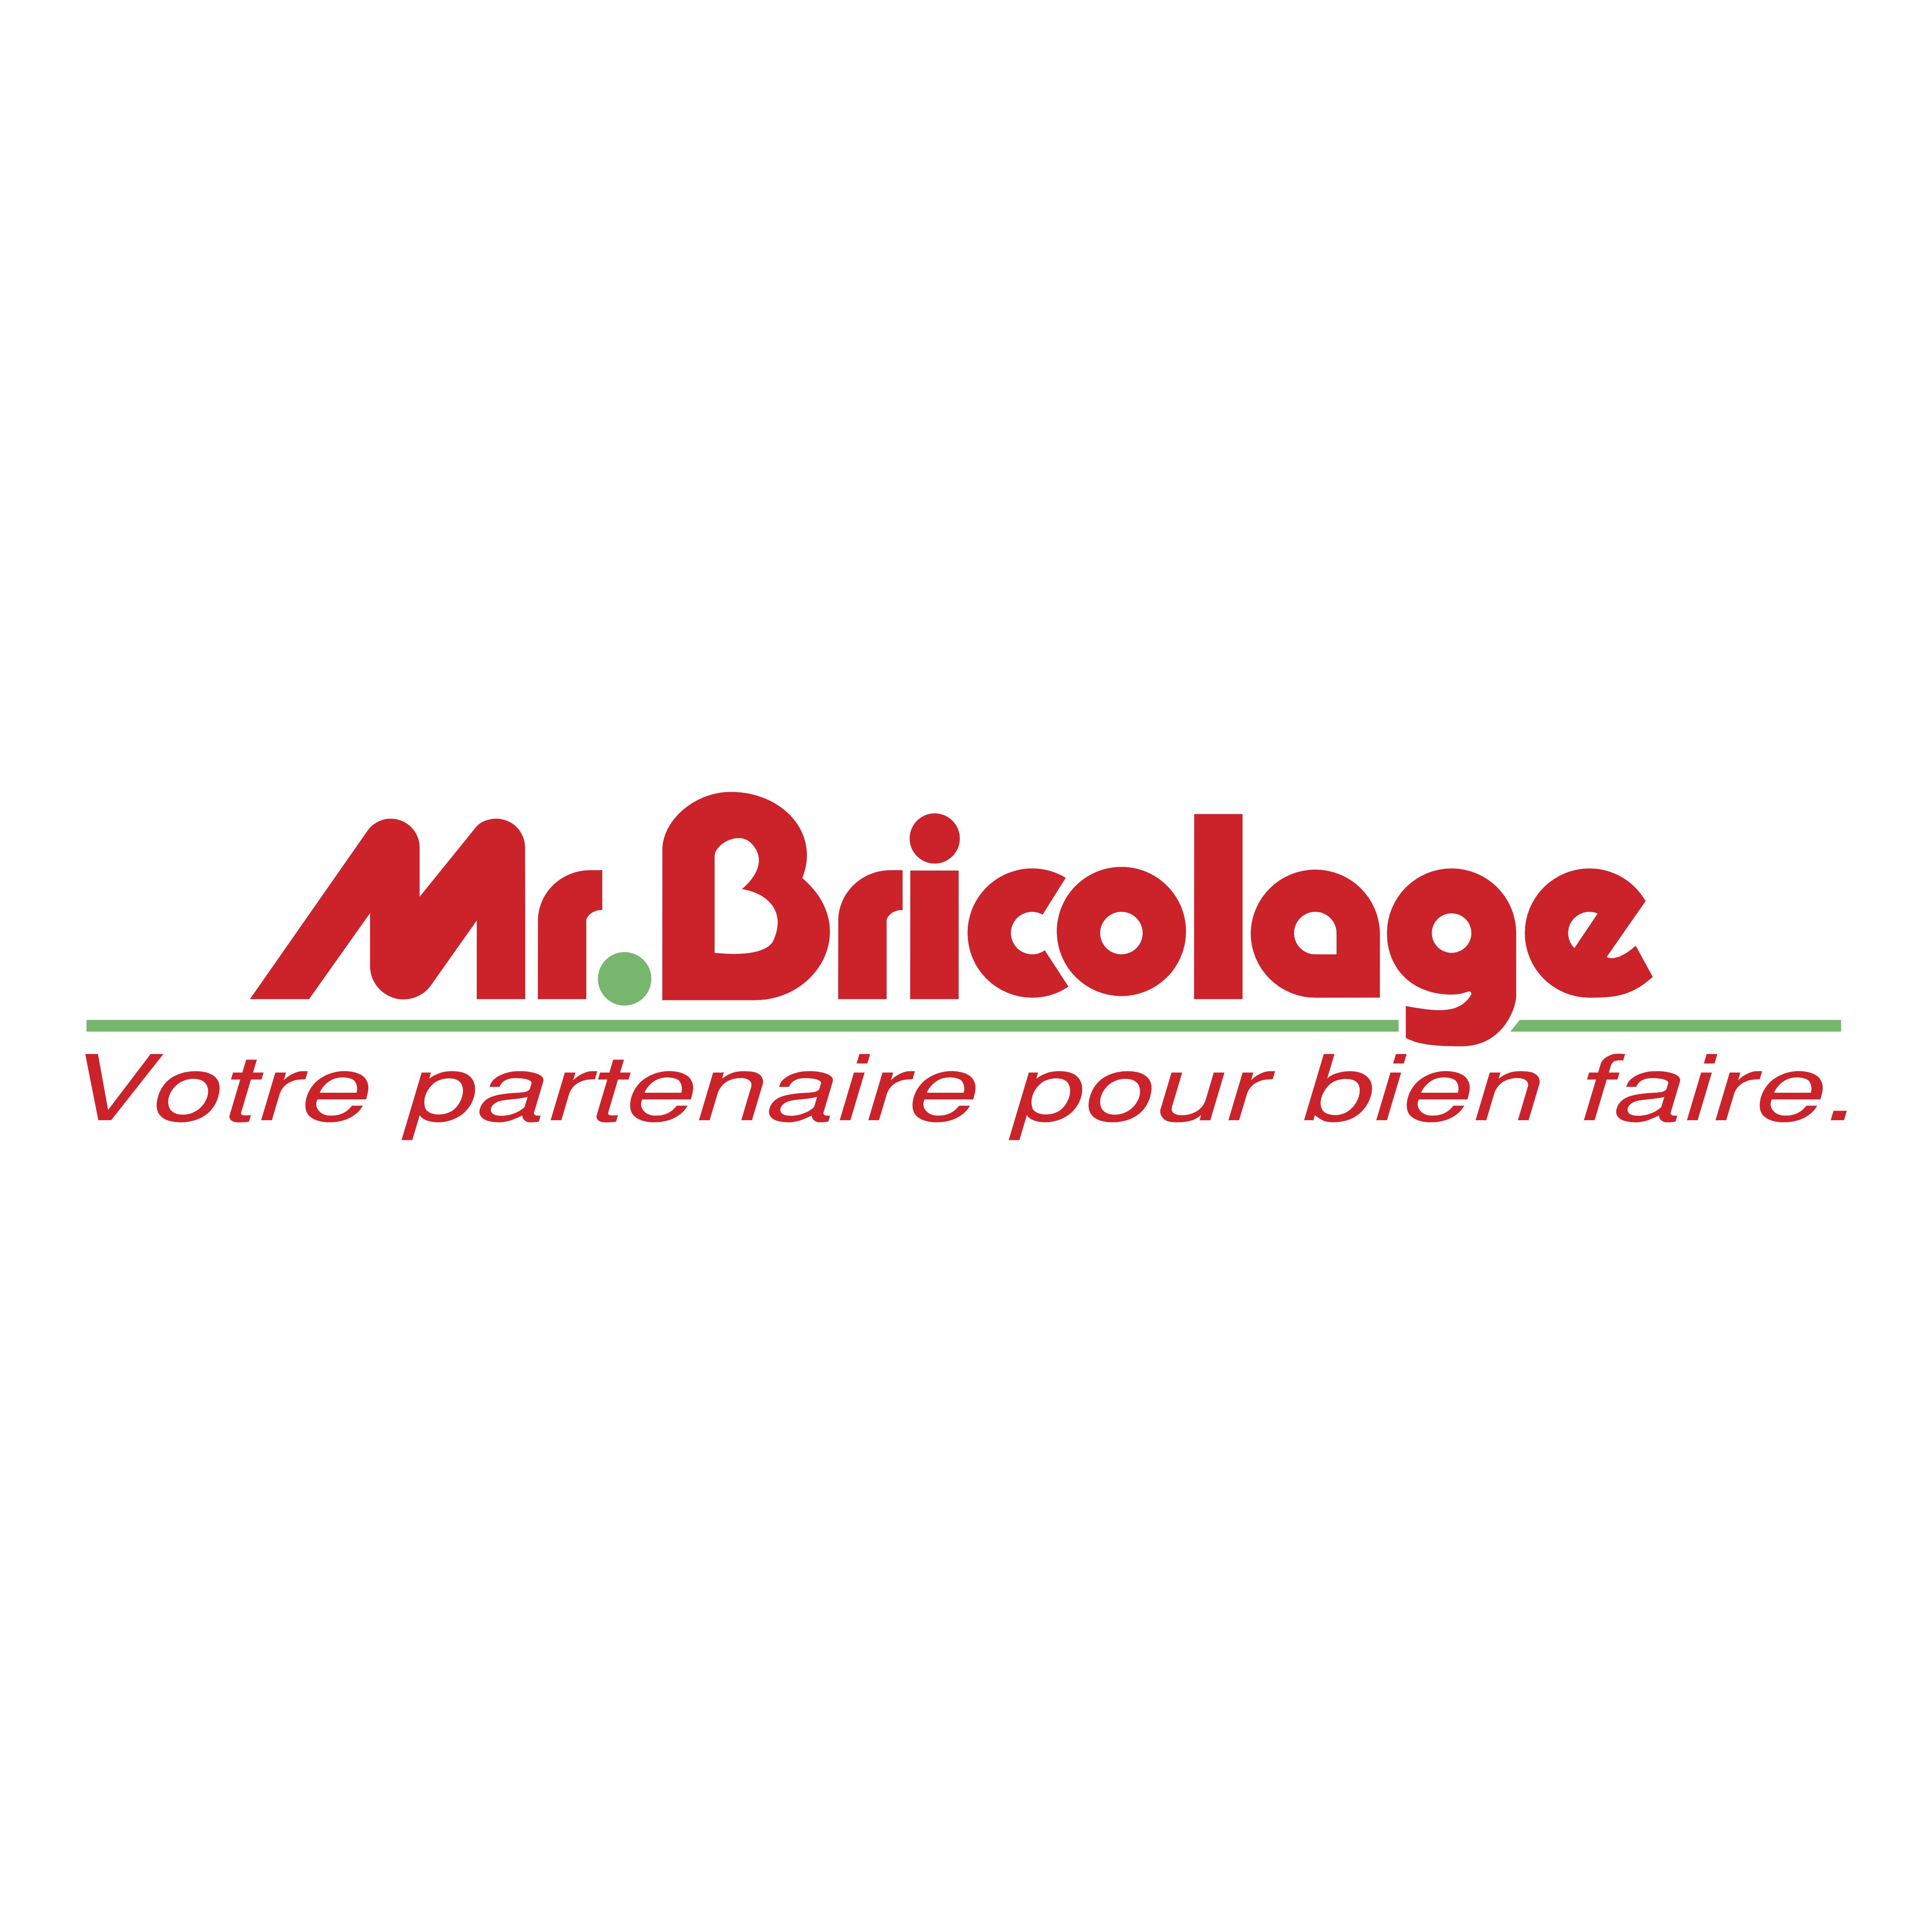 Mr bricolage logos download - Mr bricolage tours ...